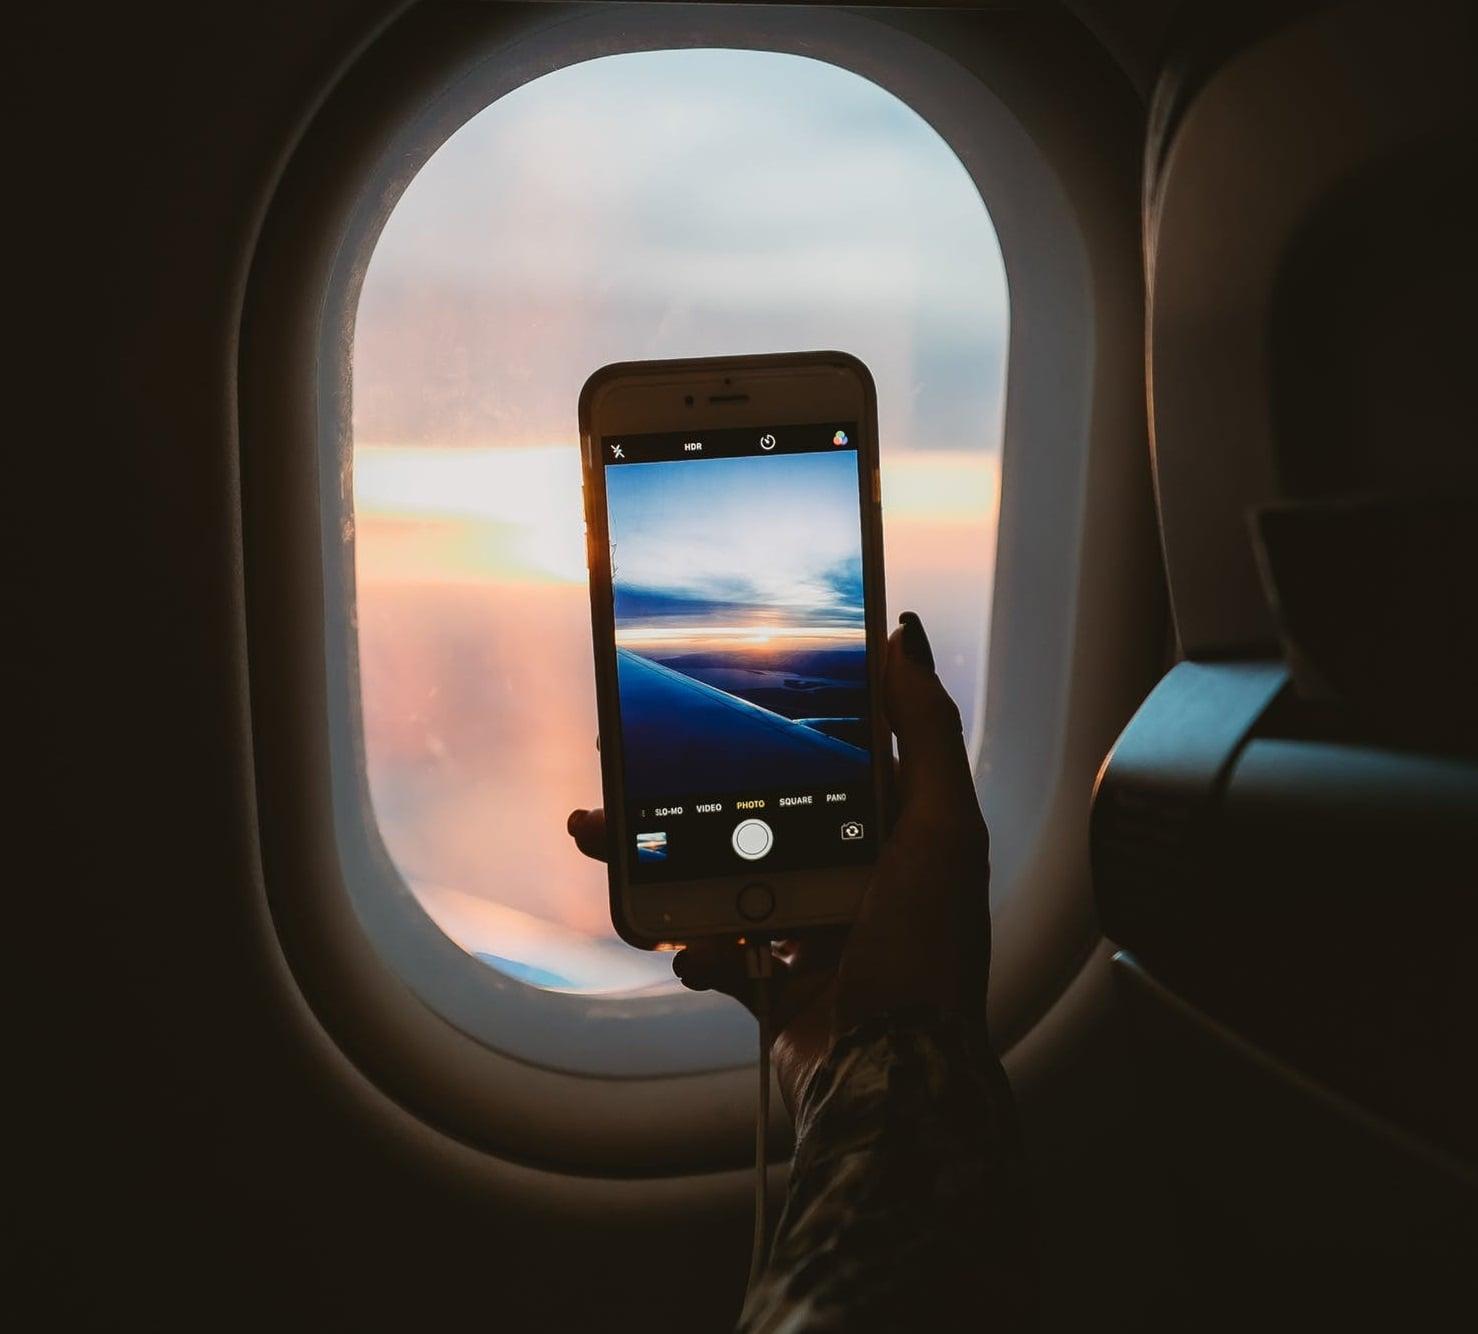 Dlaczego ludzie nie włączają trybu samolotowego w smartfonach podczas lotów?